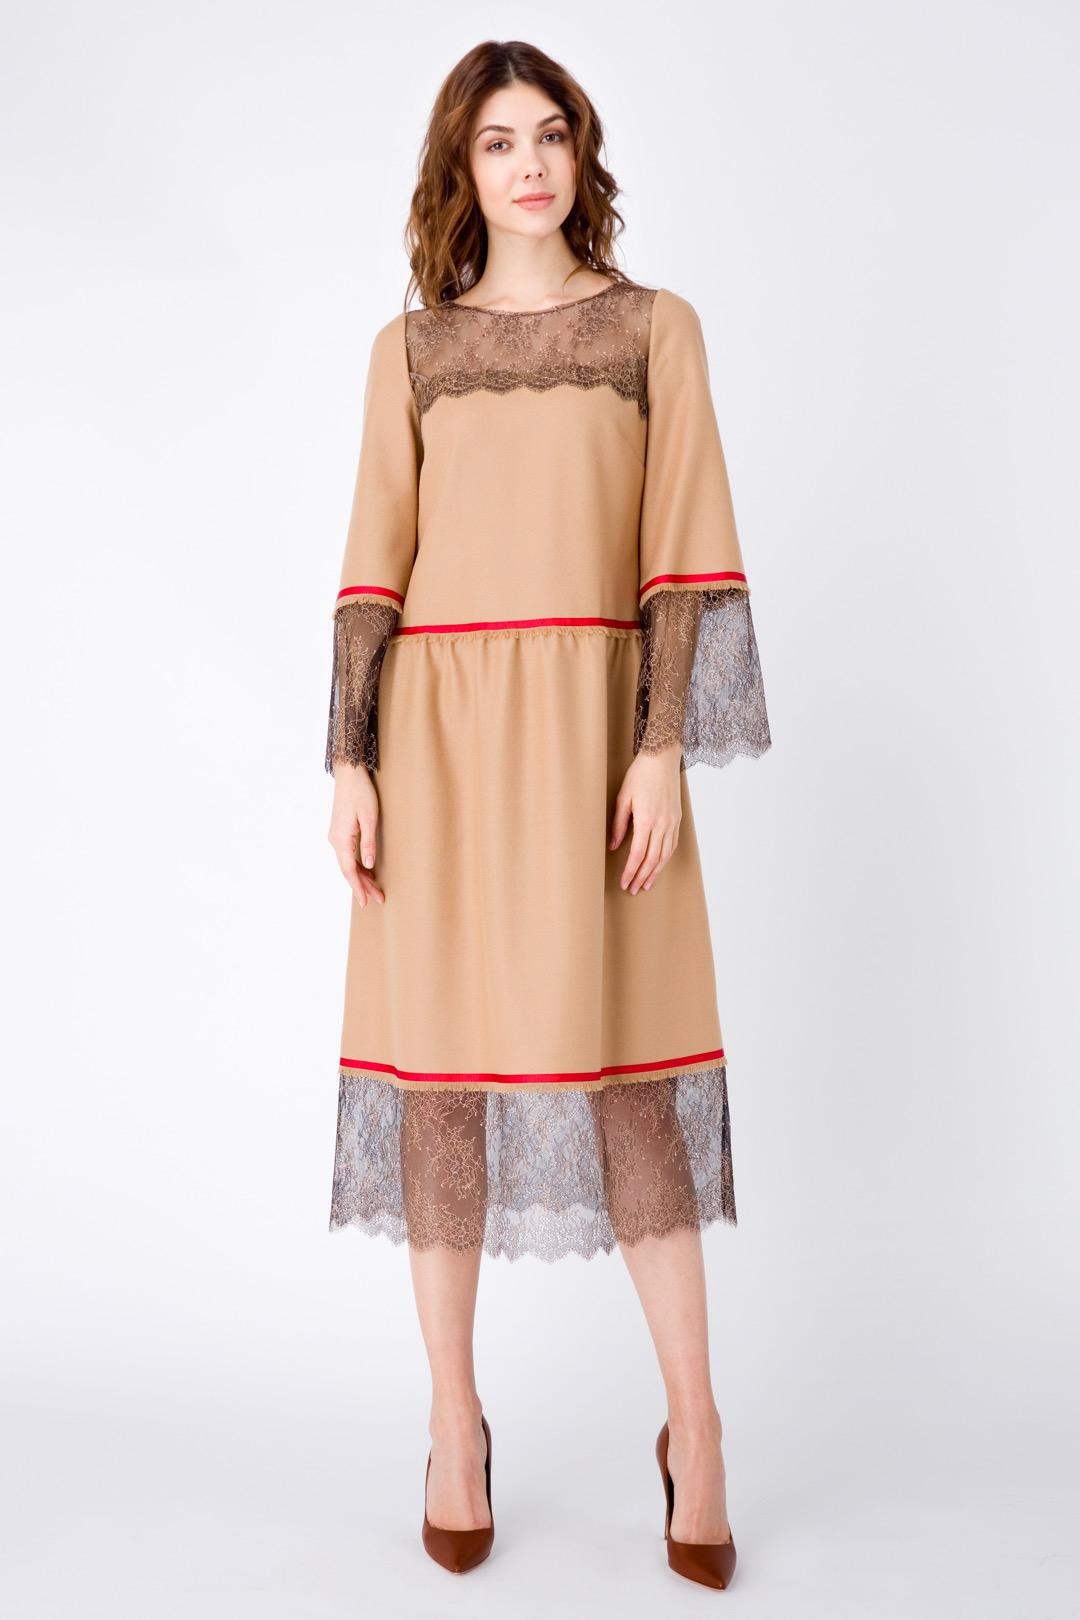 Песочное платье миди в стиле Шанель, декорированное кружевом и тесьмой